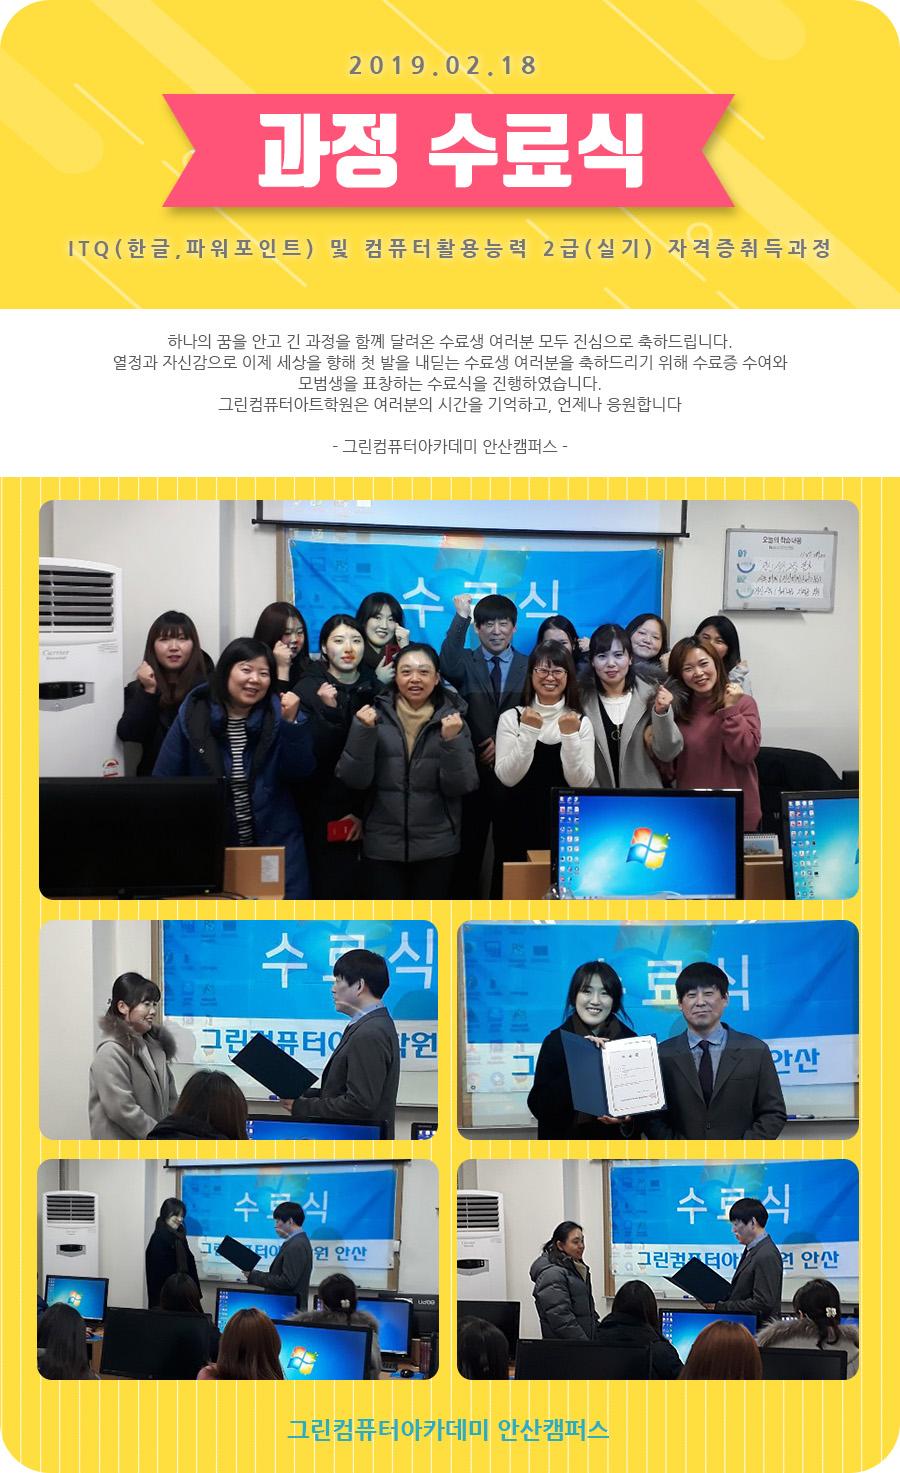 [안산캠퍼스] 2019년 2월 수료식 ITQ(한글,파워포인트) 및 컴퓨터활용능력 2급(실기) 자격증취득과정